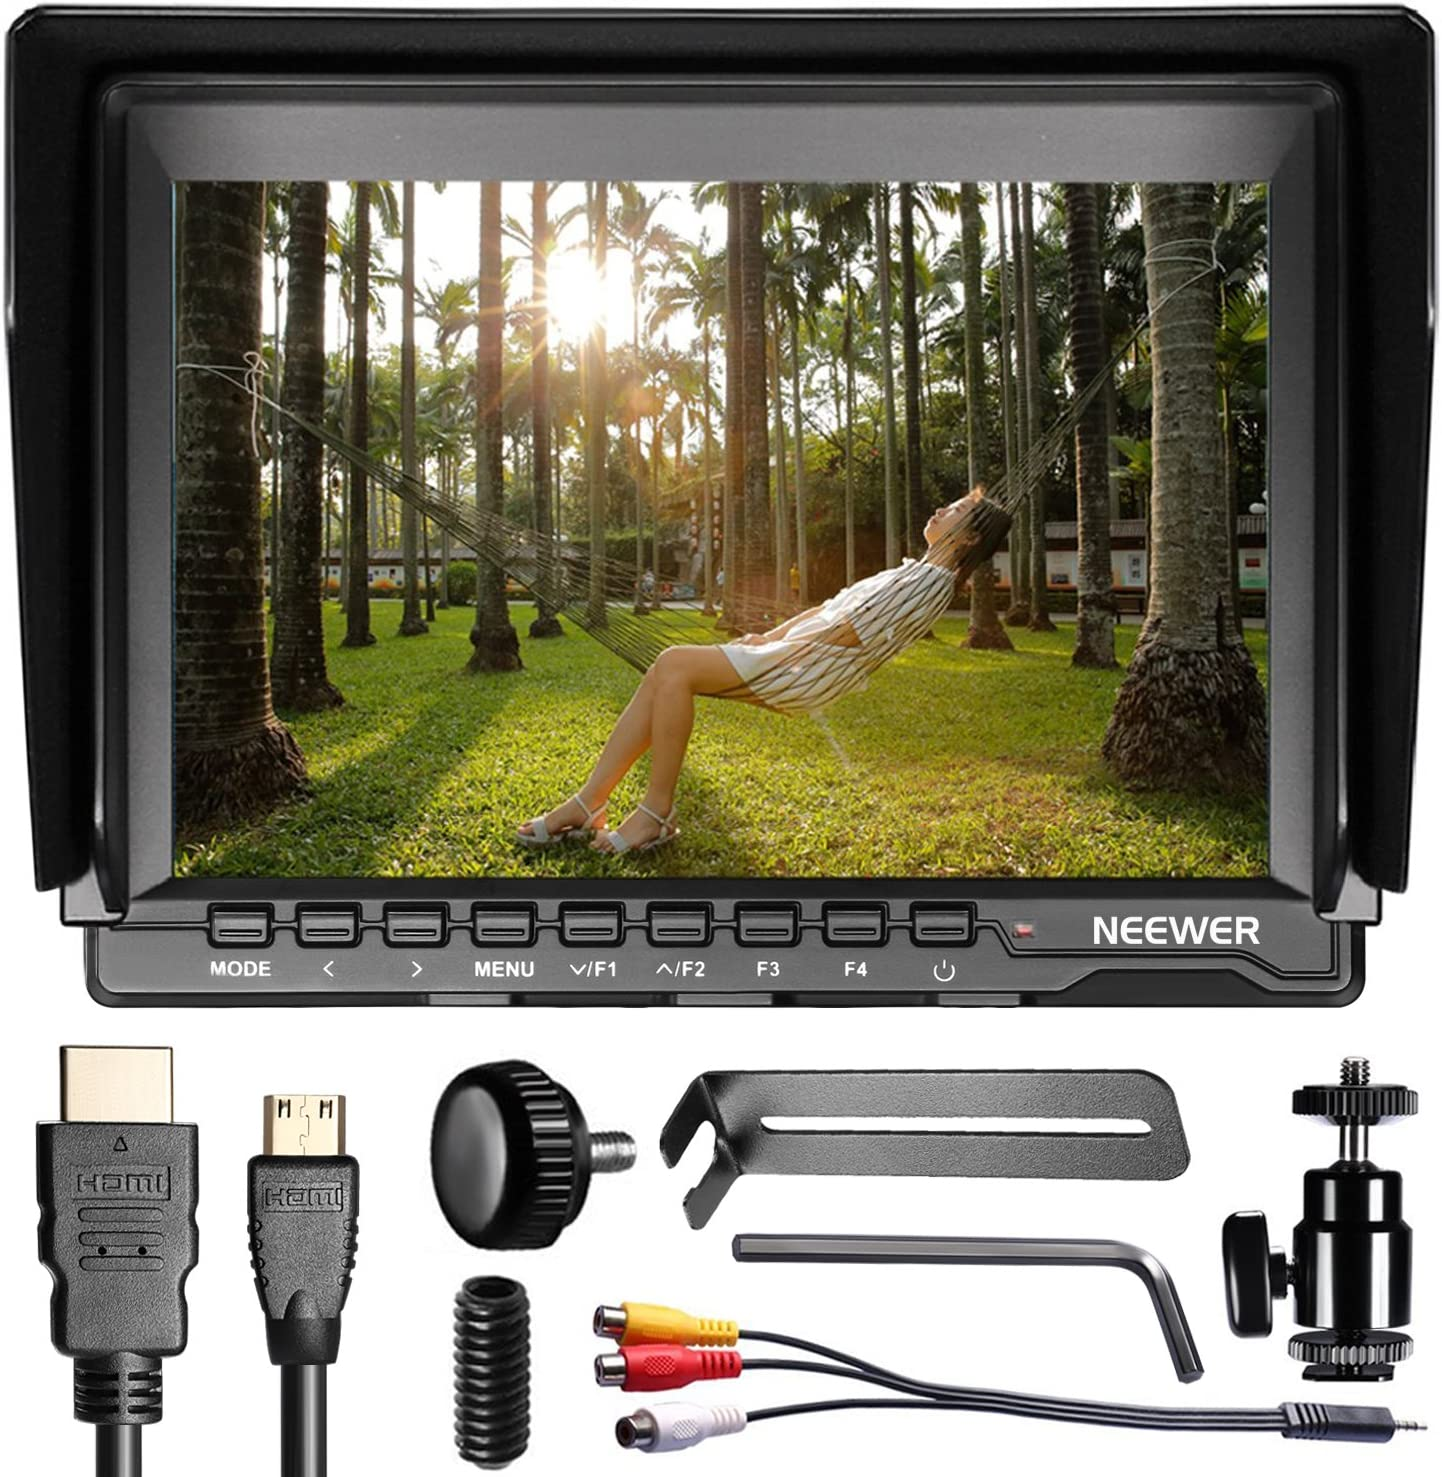 Neewer Nw759 7 Zoll 1280x800 Ips Bildschirm Kamera Kamera